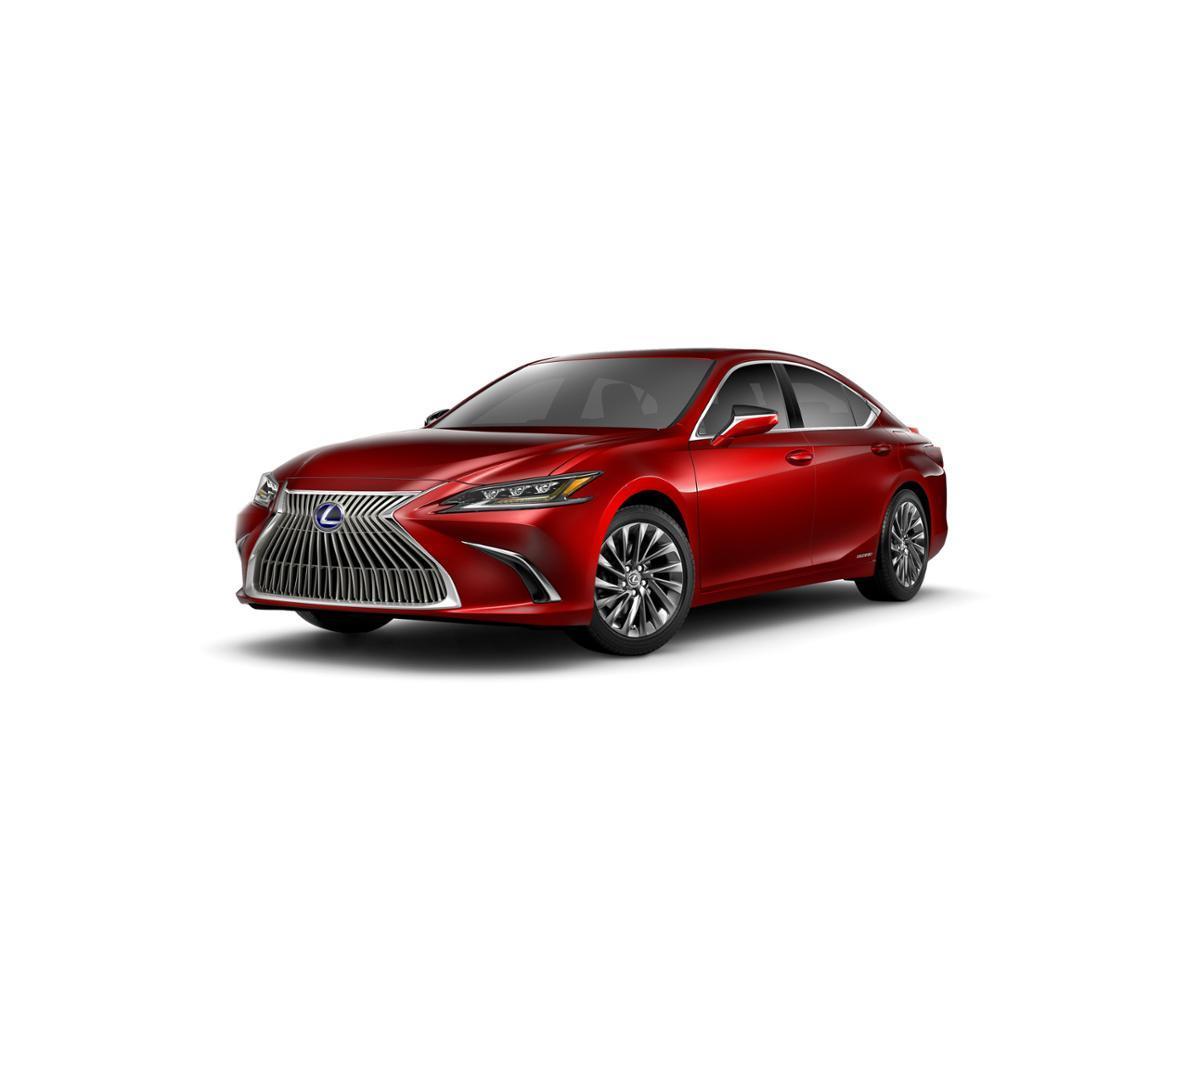 Lexus Sales: Mill Valley Lexus Dealership Near Me: Lexus Of Marin